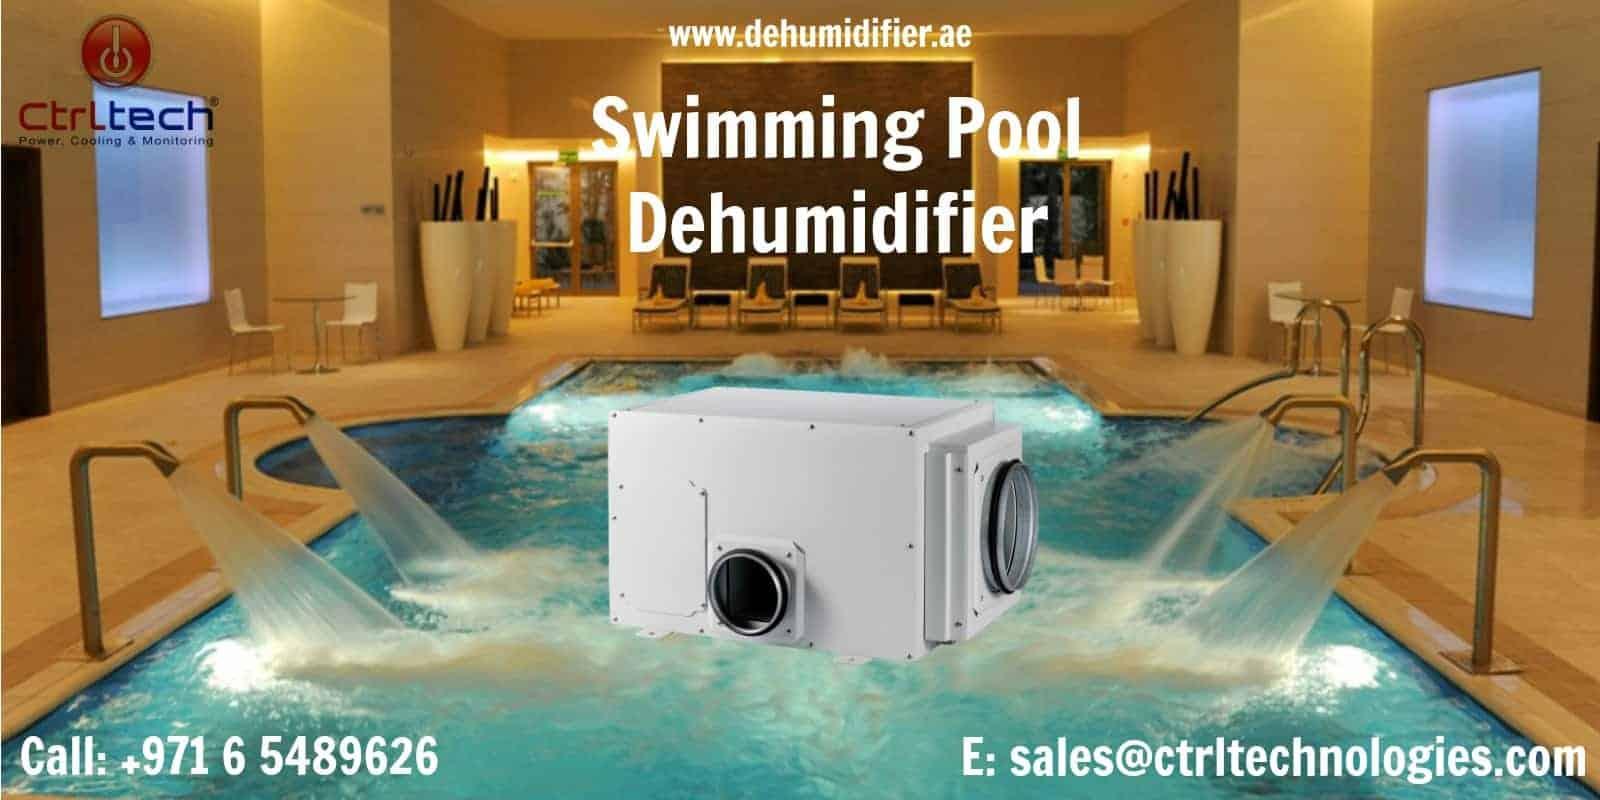 Swimming pool Dehumidifier in UAE, Saudi Arabia.